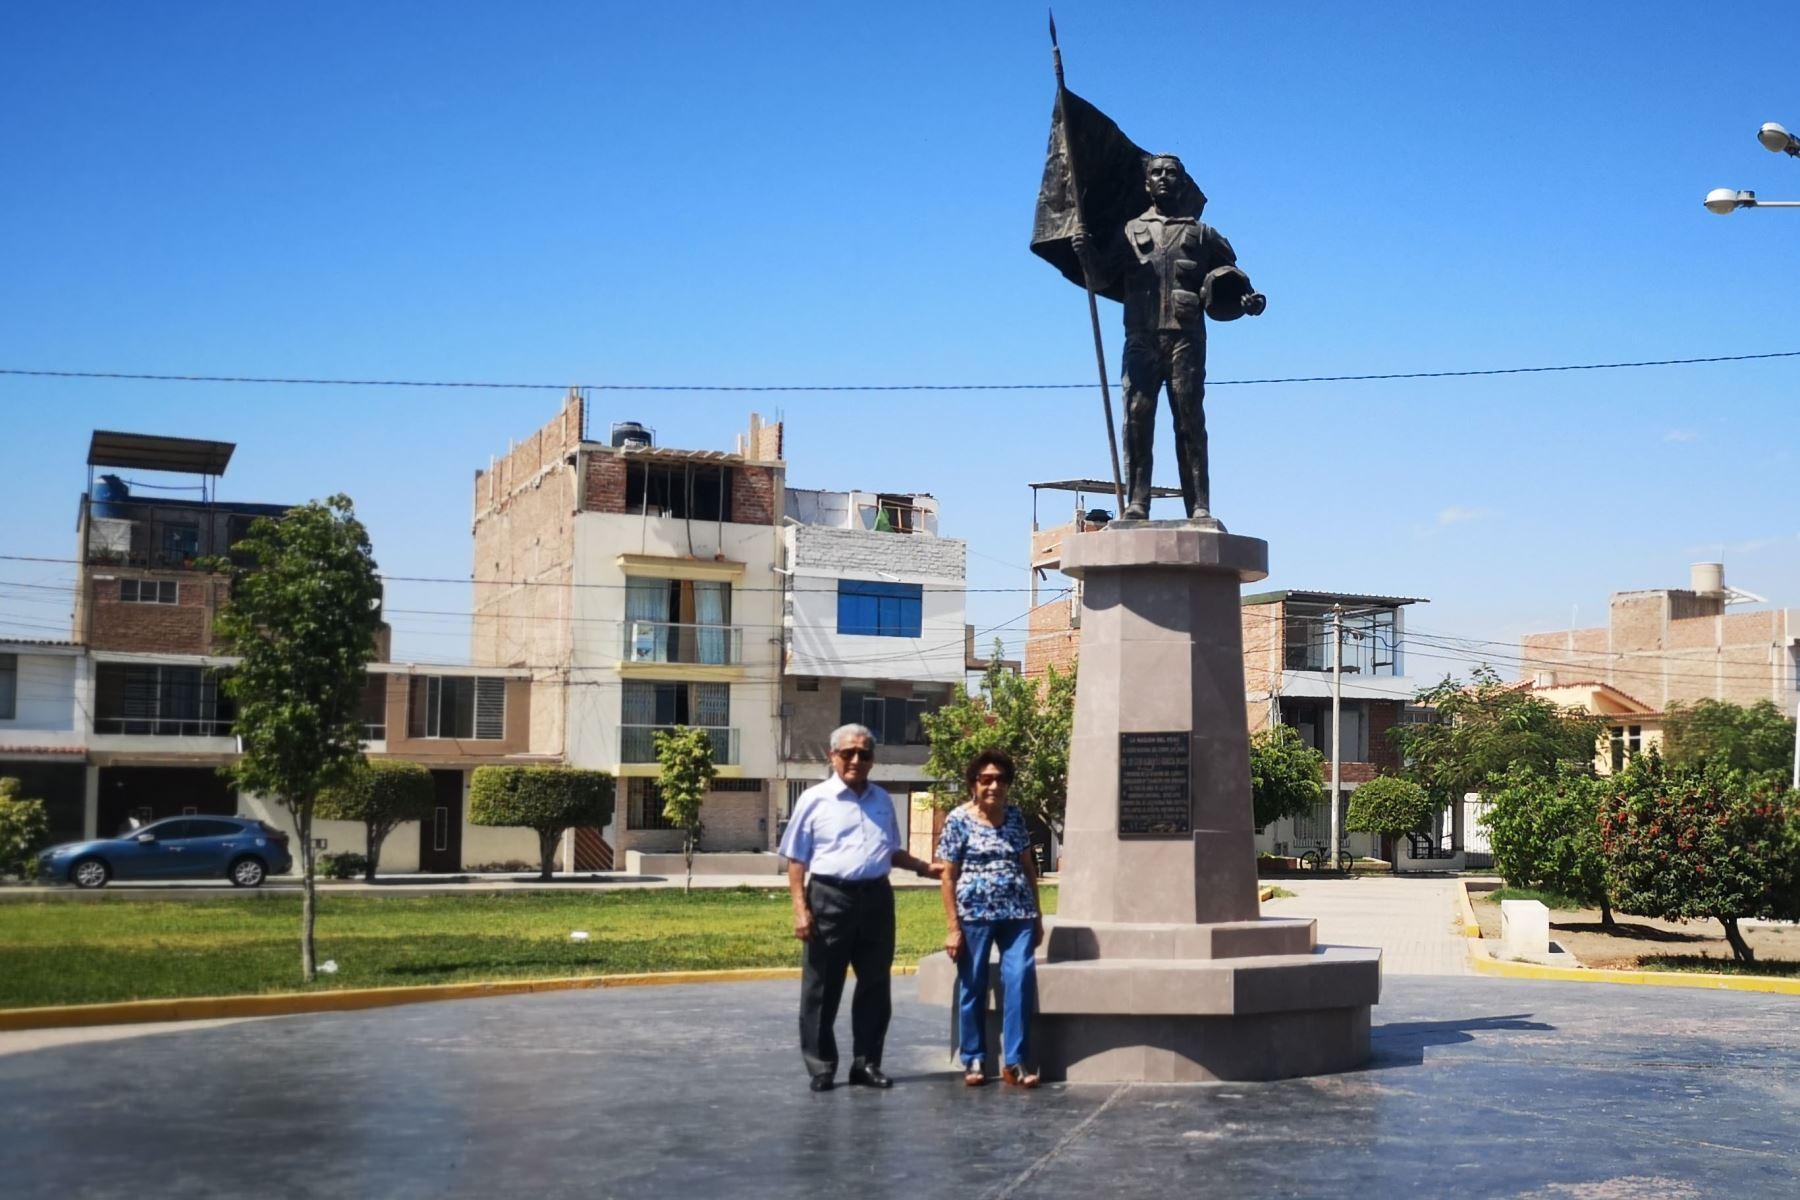 Cada día que pasa por el parque de su barrio, en la urbanización Bancarios de la ciudad de Chiclayo, don Víctor García se encuentra con un busto dedicado a su hijo, el mayor Luis Alberto García Rojas, Patrono de la Aviación del Ejército. Foto: ANDINA / Difusión